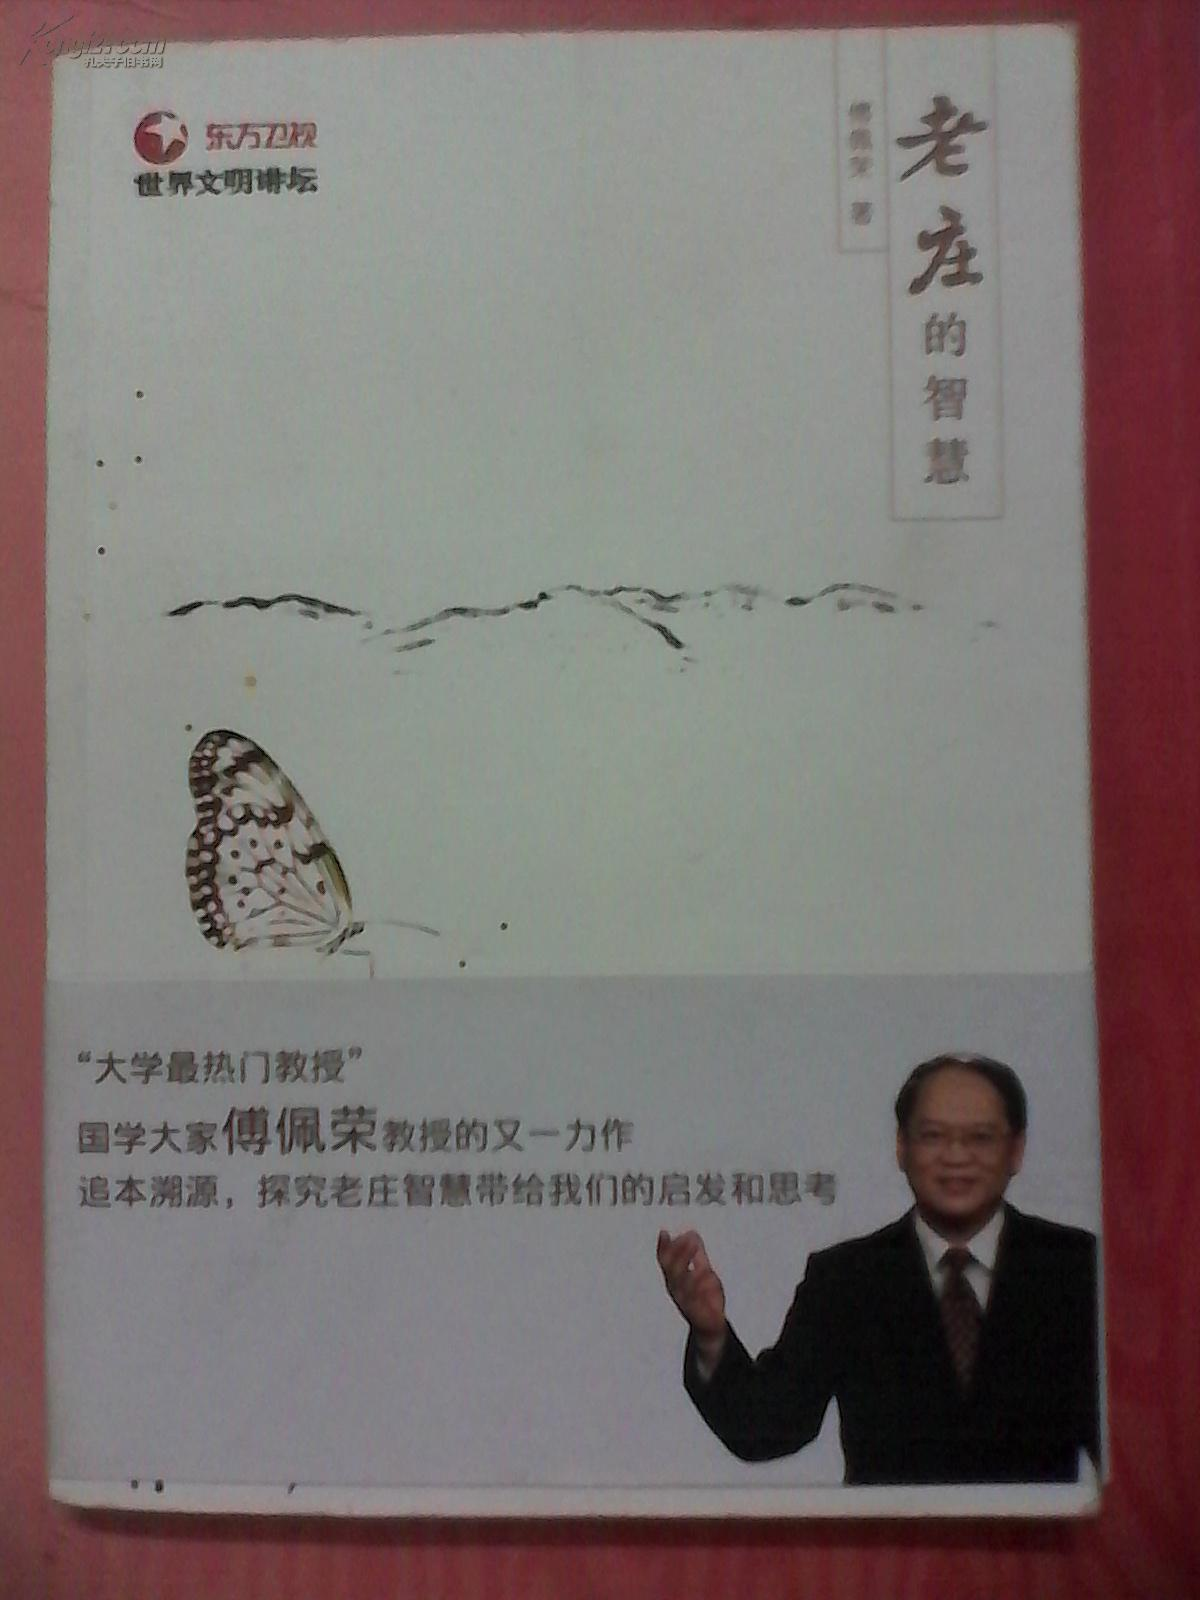 傅佩荣詺)���$����\_傅佩荣:老庄的智慧